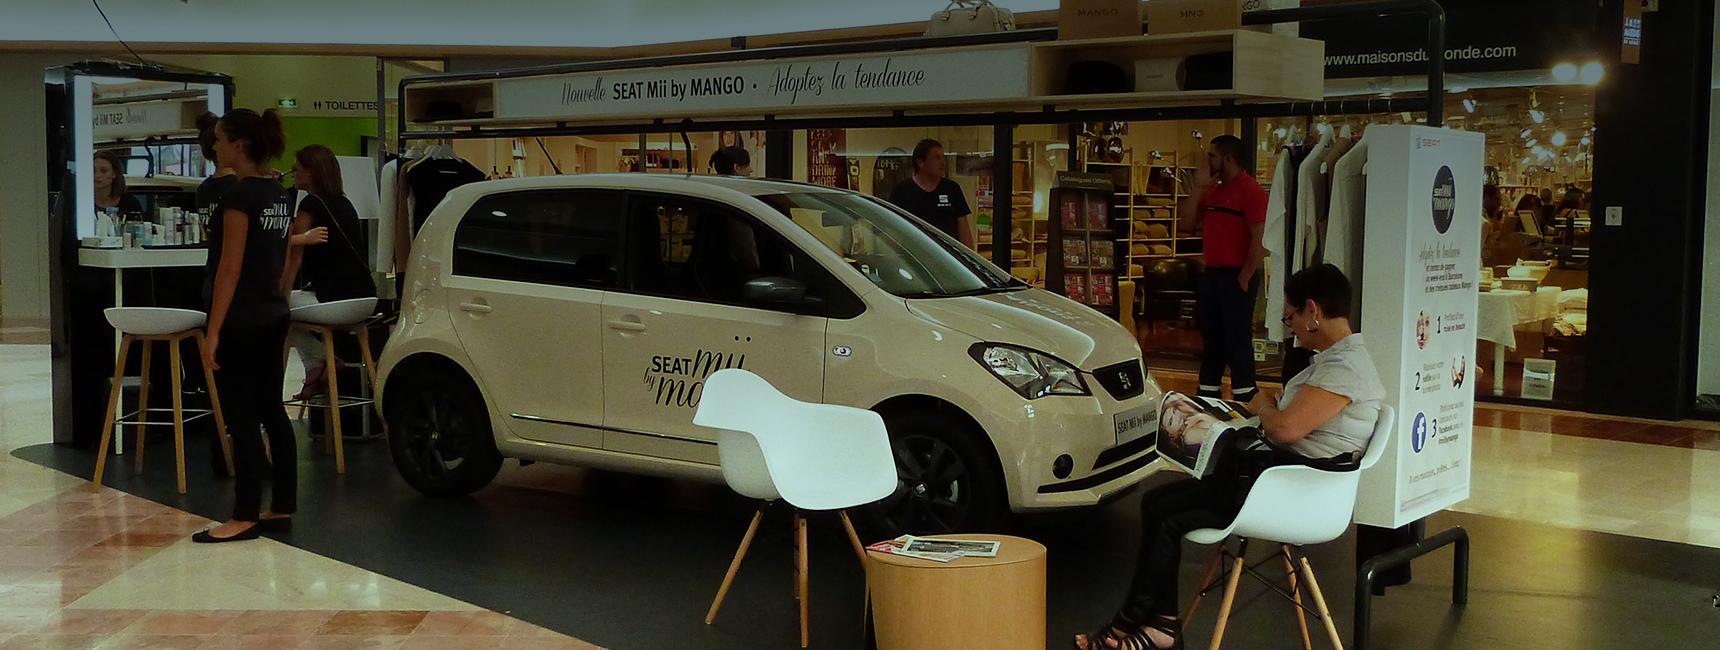 L'espace éphémère SEAT Mii by Mango en centre commercial - Keemia Event et Expérience Agence événementielle et roadshow